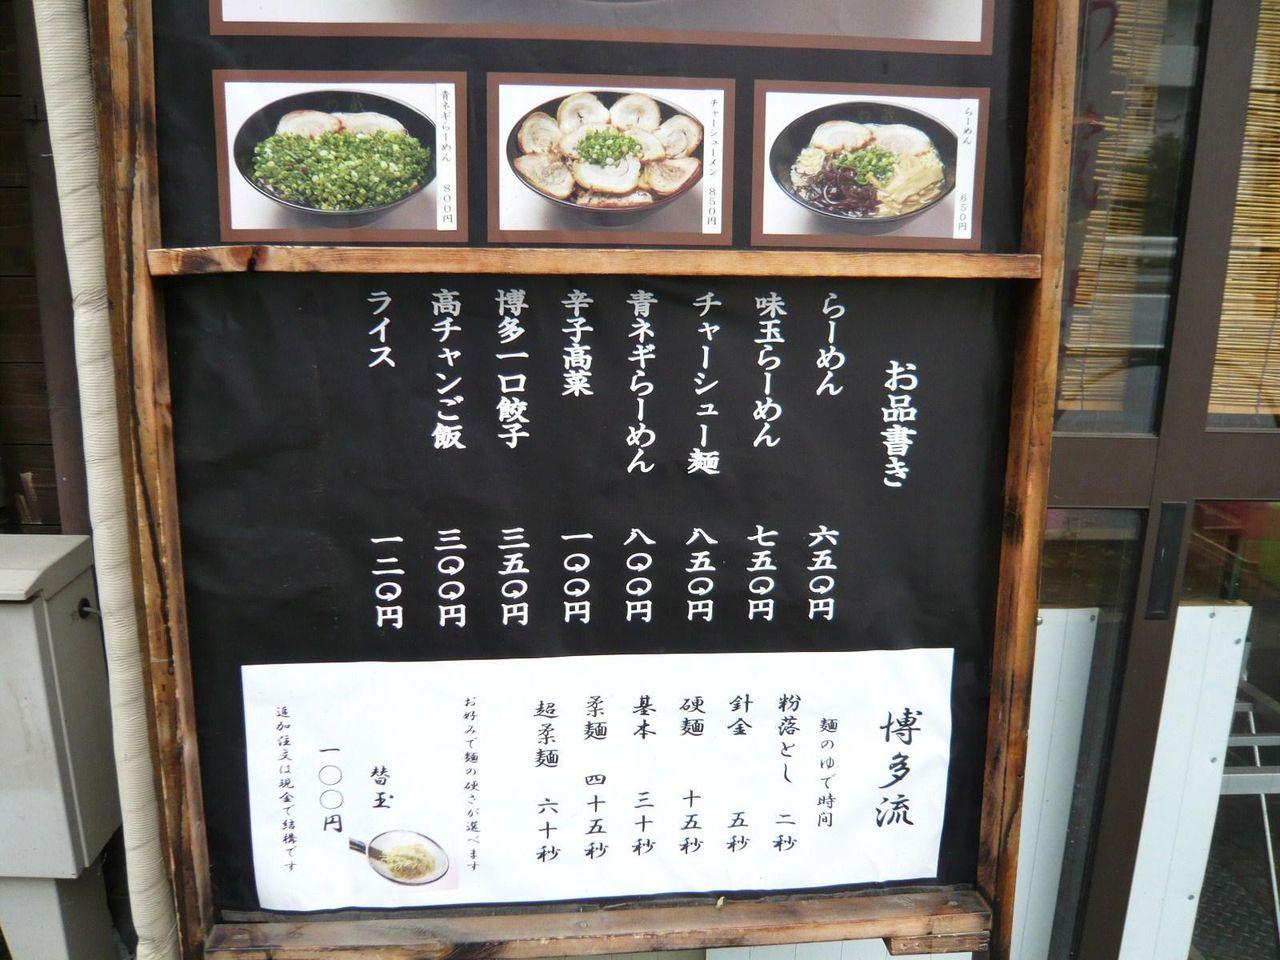 メニュー&麺の茹で時間(24年6月現在)